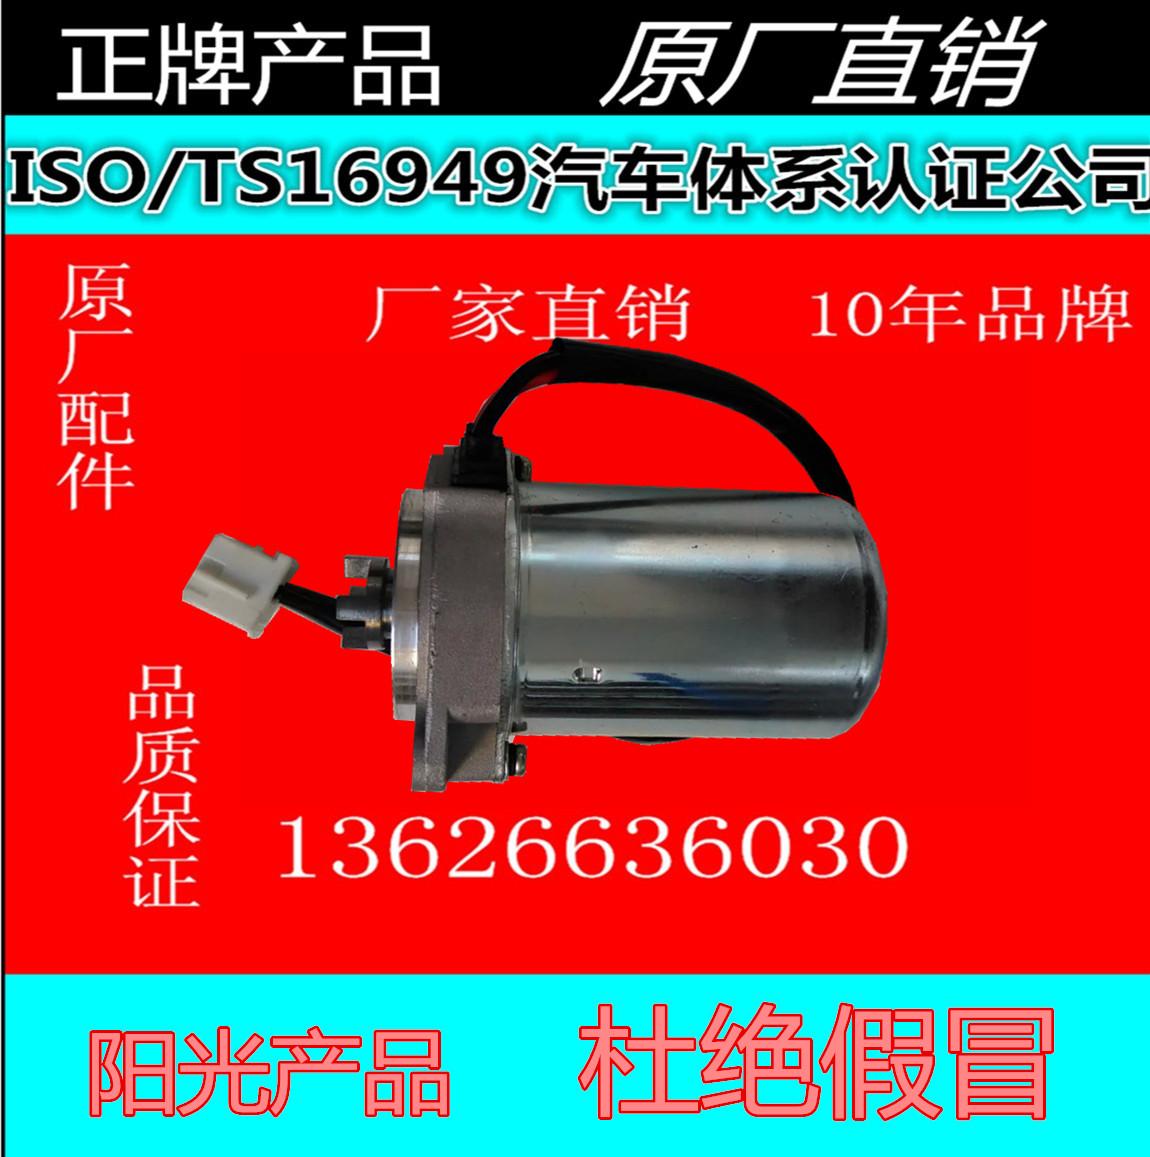 sichuan moderna södra chun - - bil för elektrisk styrning av maskiner eps - riktning